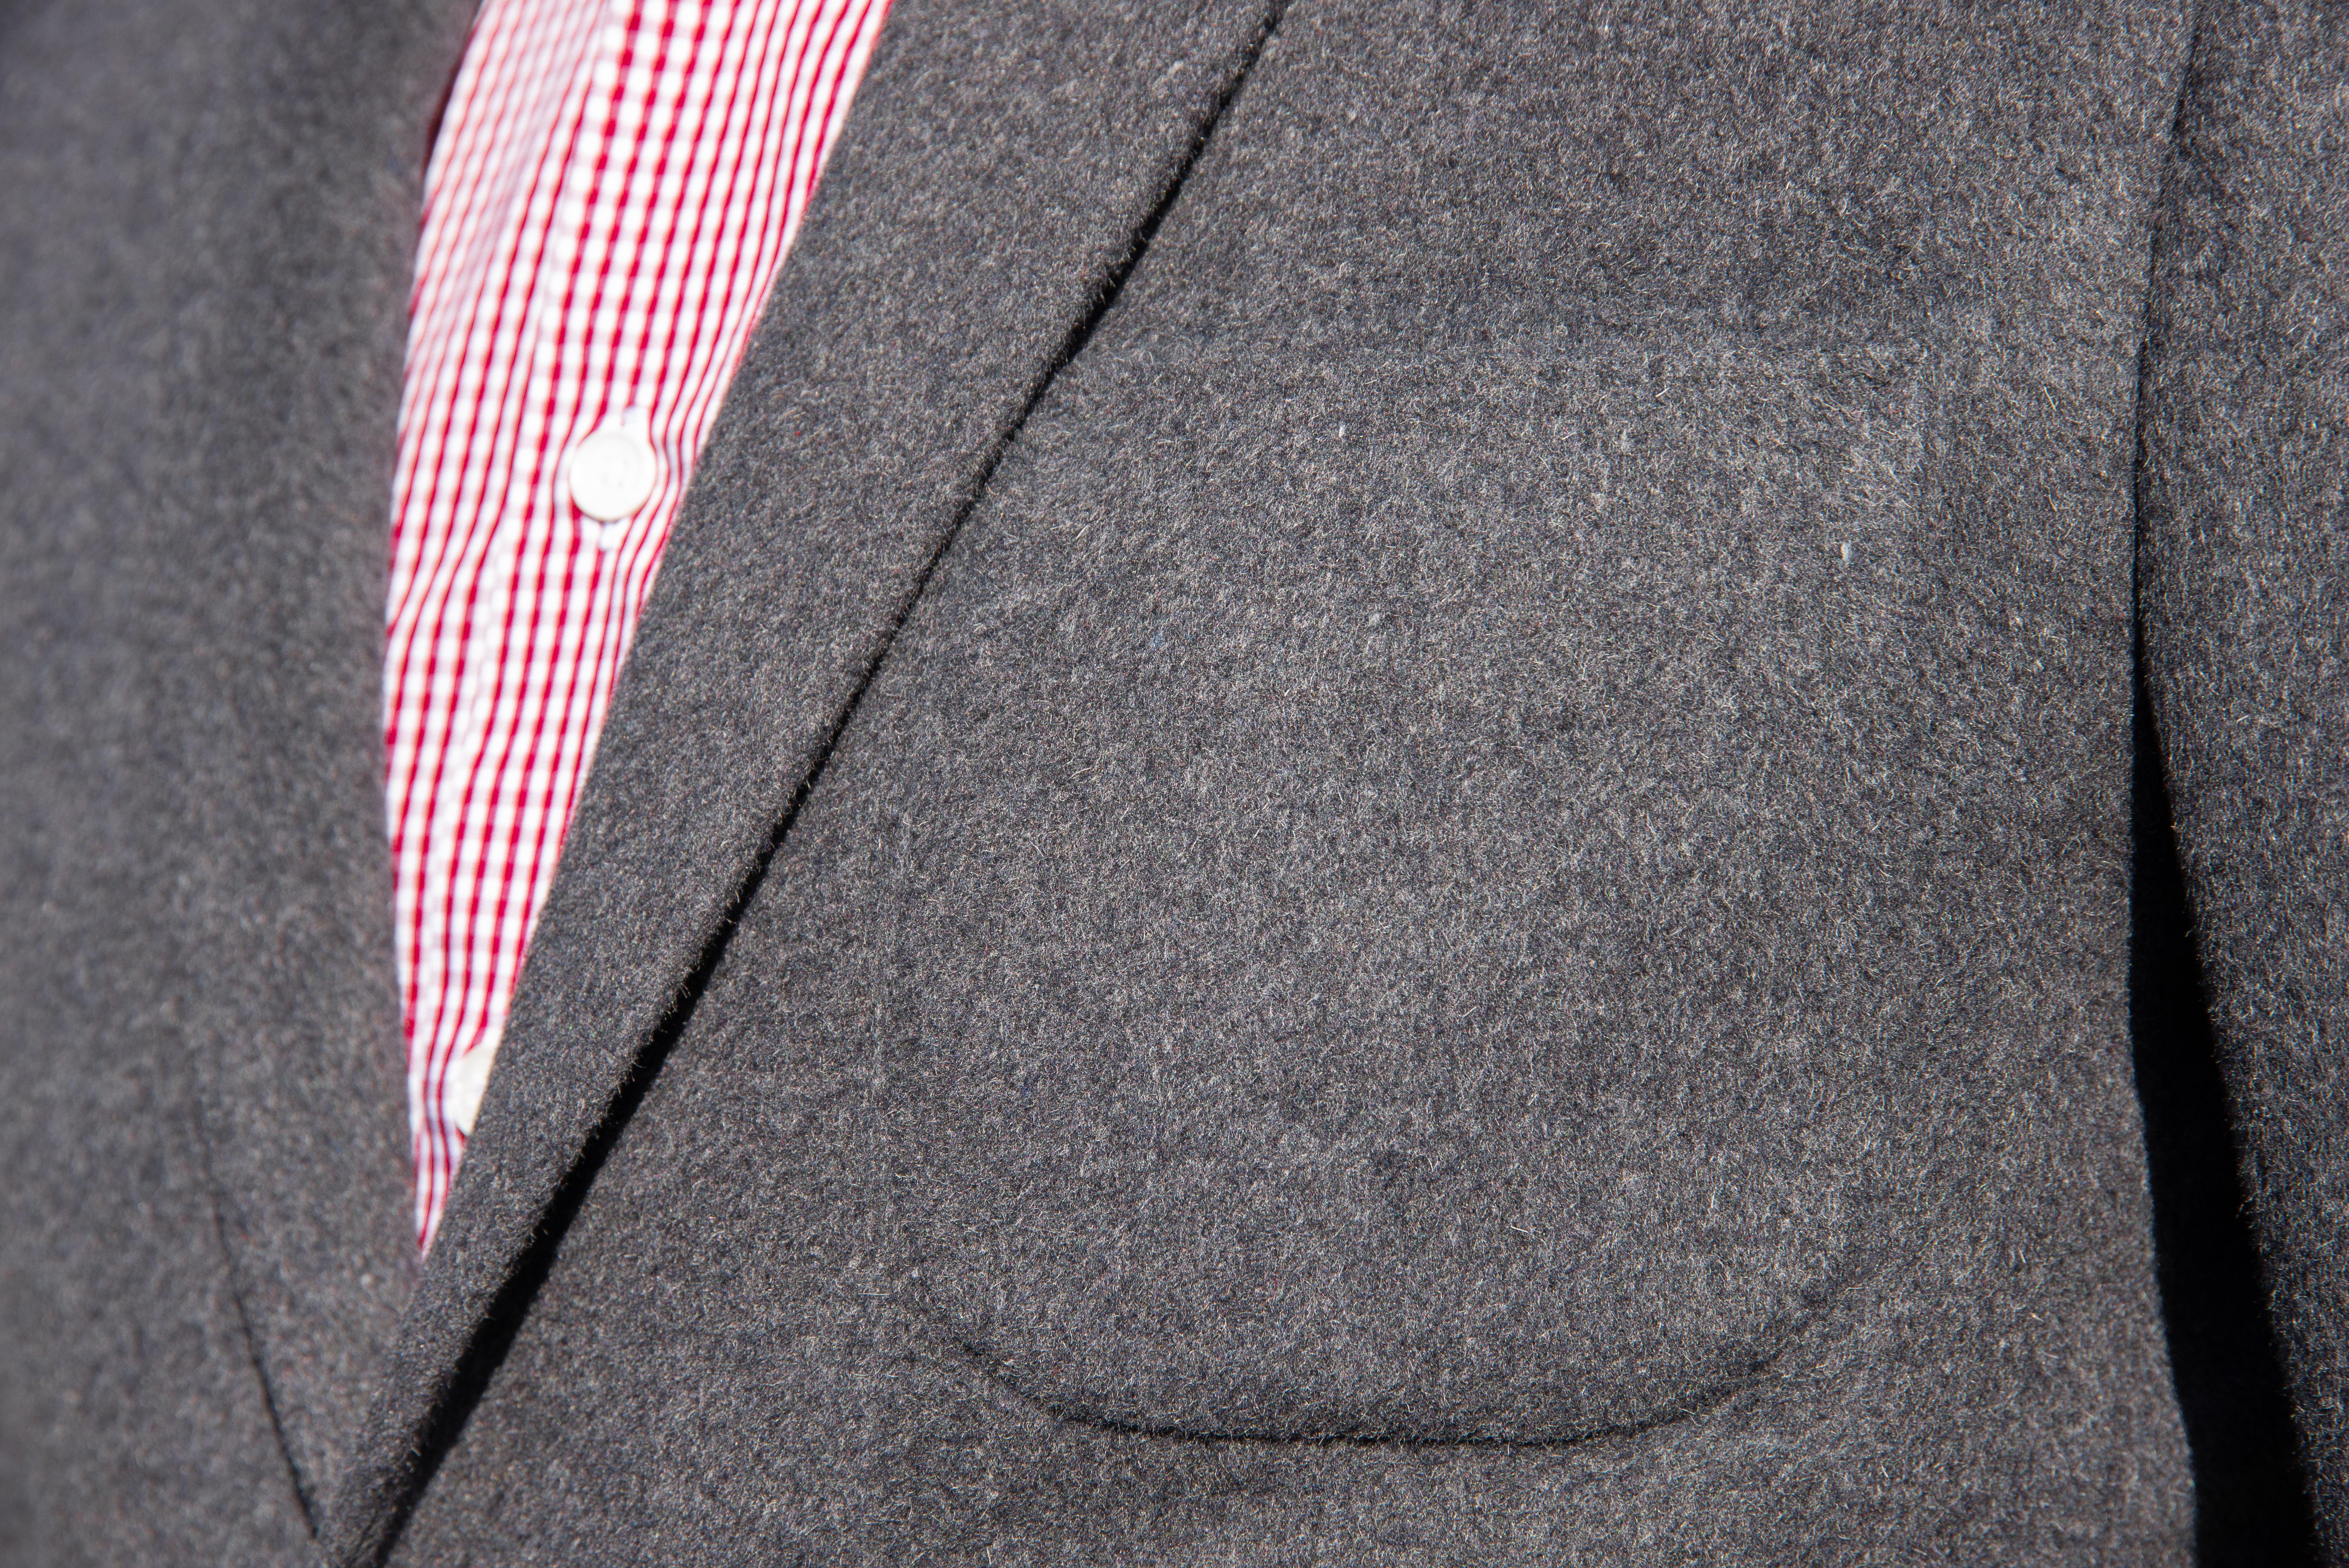 Veste doublée, 2 boutons, col tailleur, bas de manche avec boutonnière ouverte, 2 poches plaquées, 1 poche poitrine plaquée, 2 fentes dos.